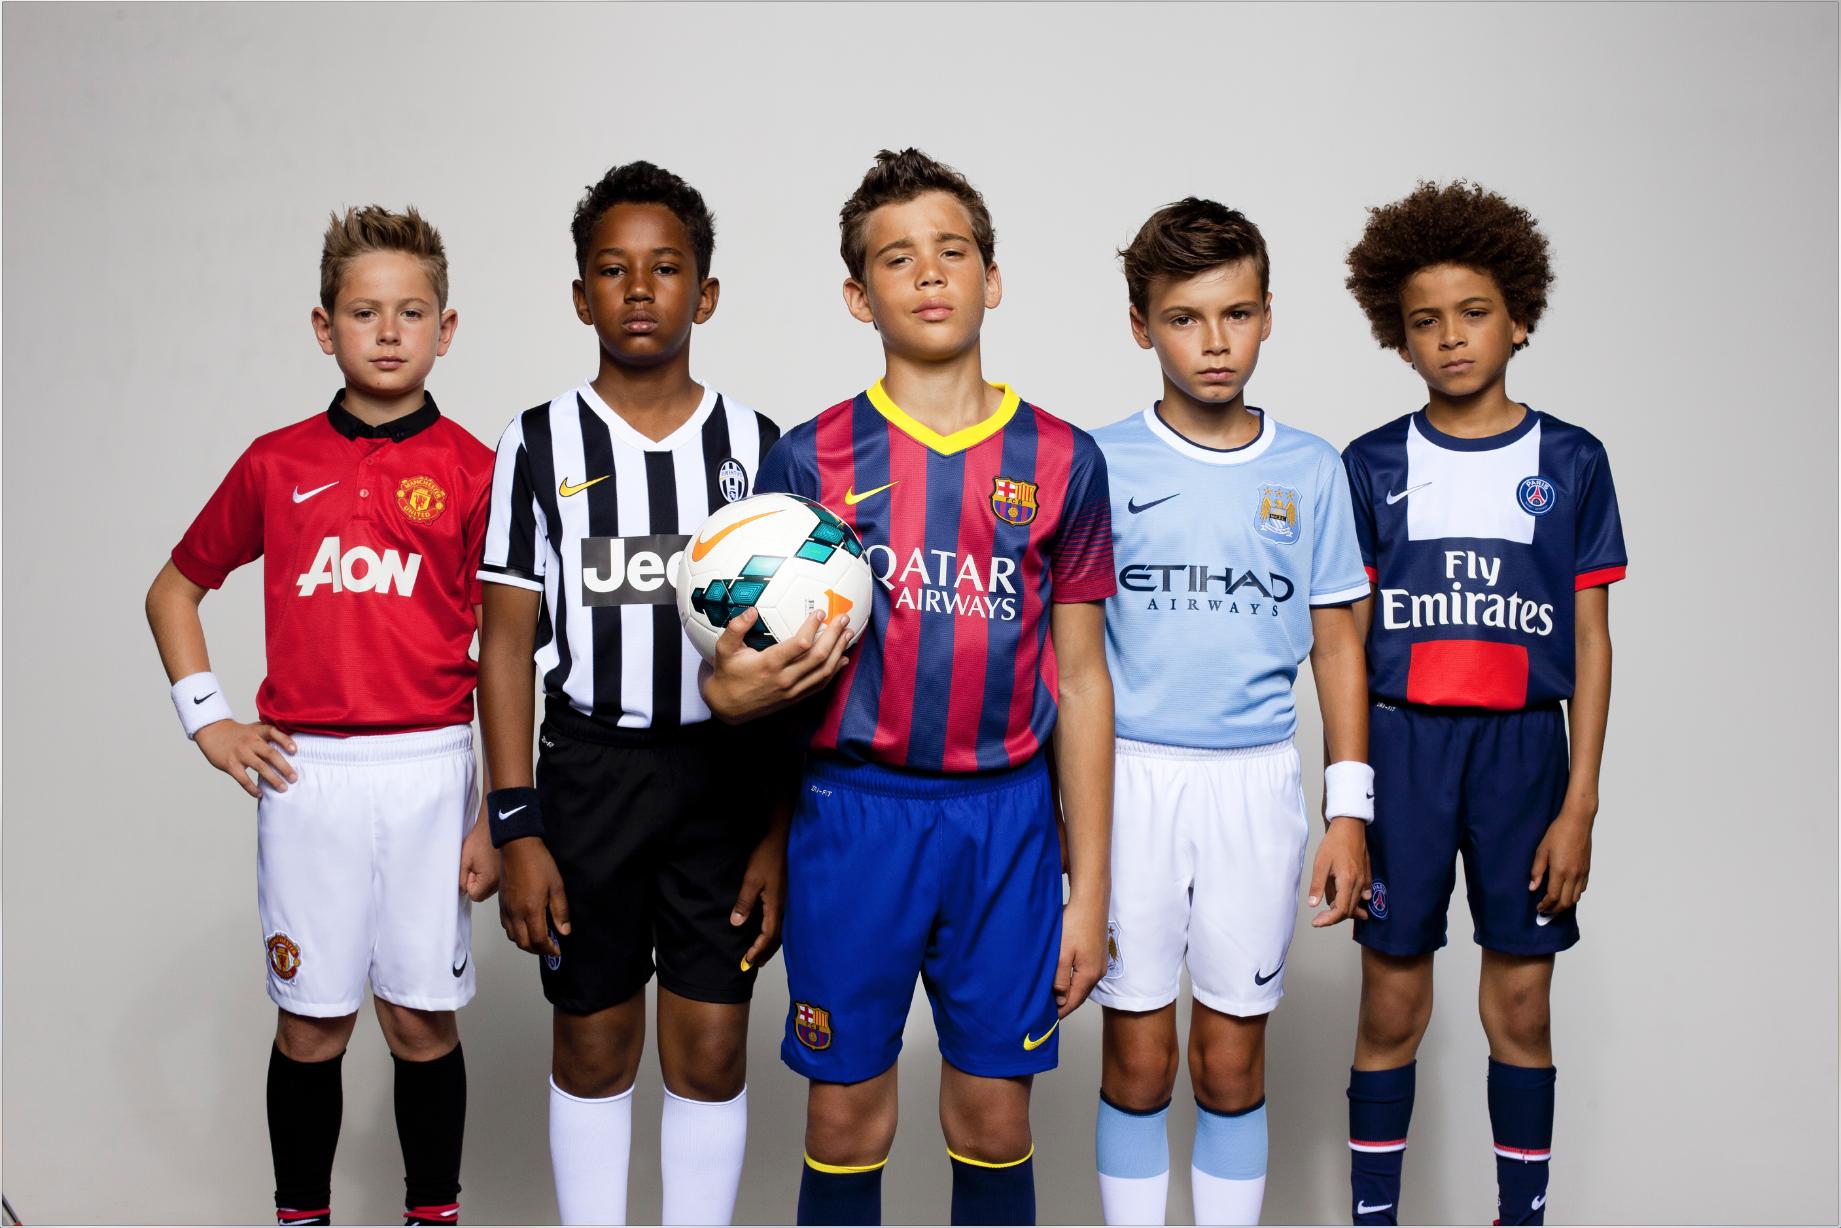 Nike Football Club Team Kits Launch